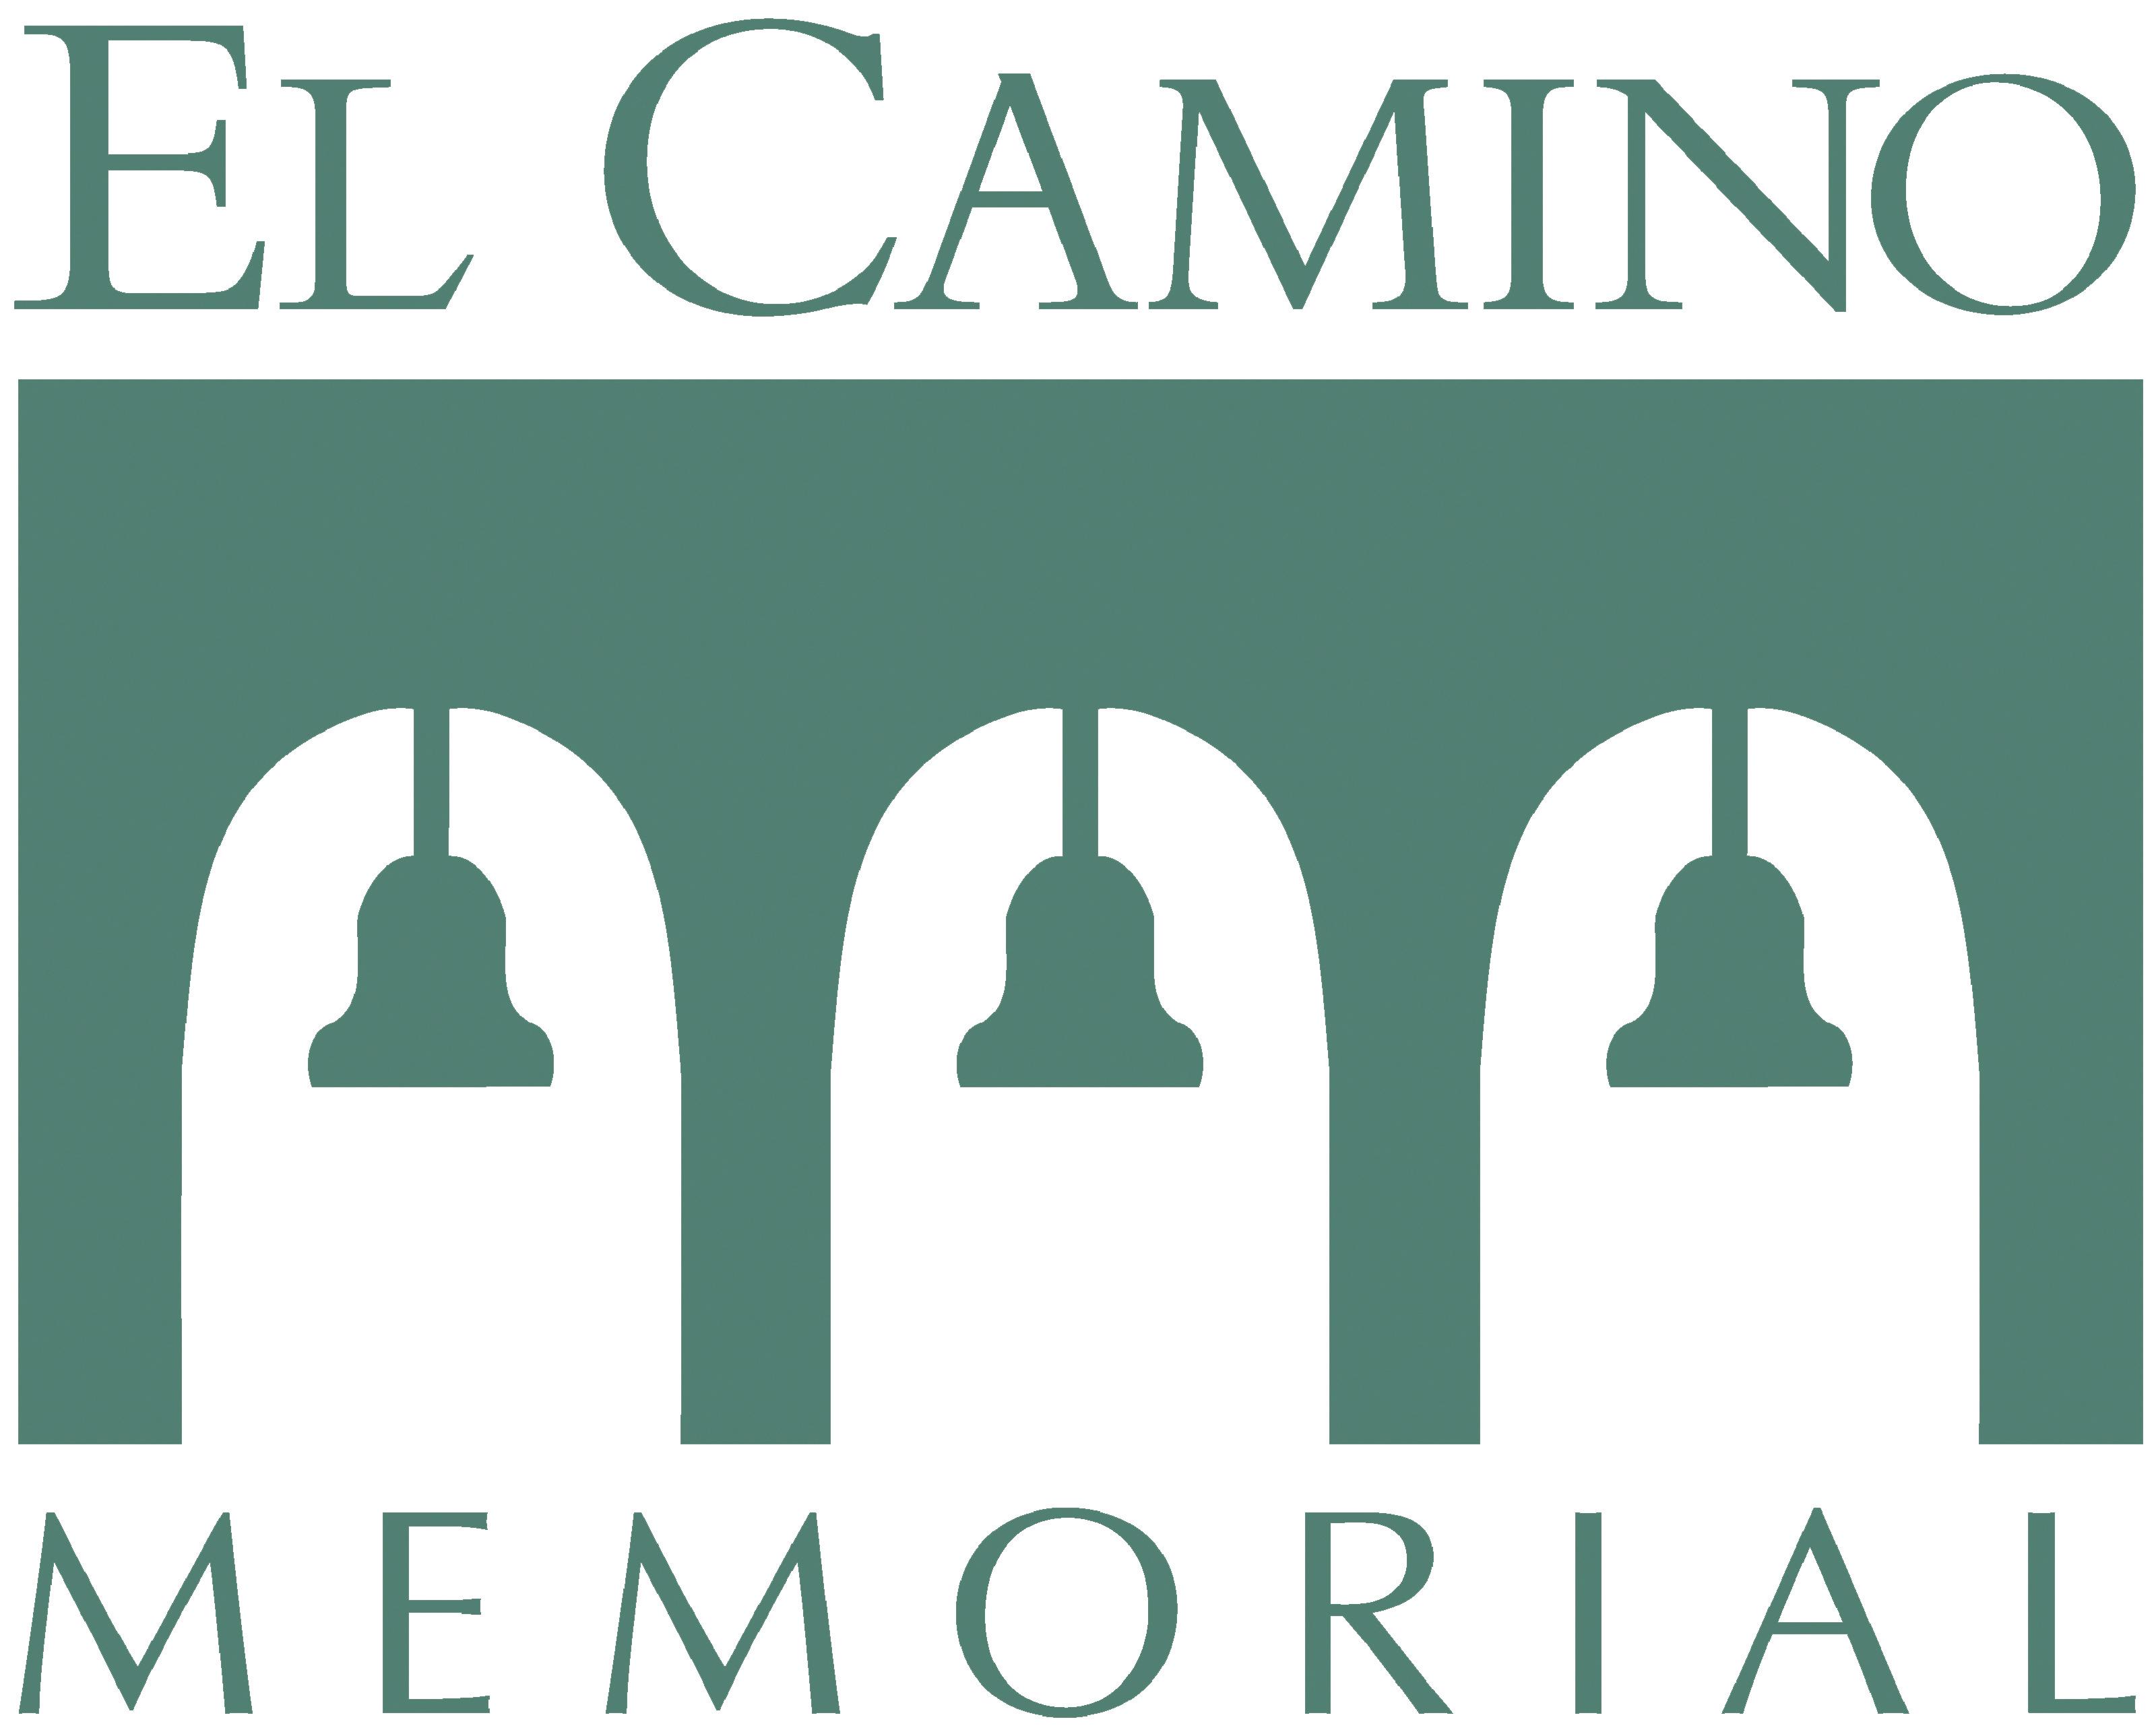 El Camino Memorial